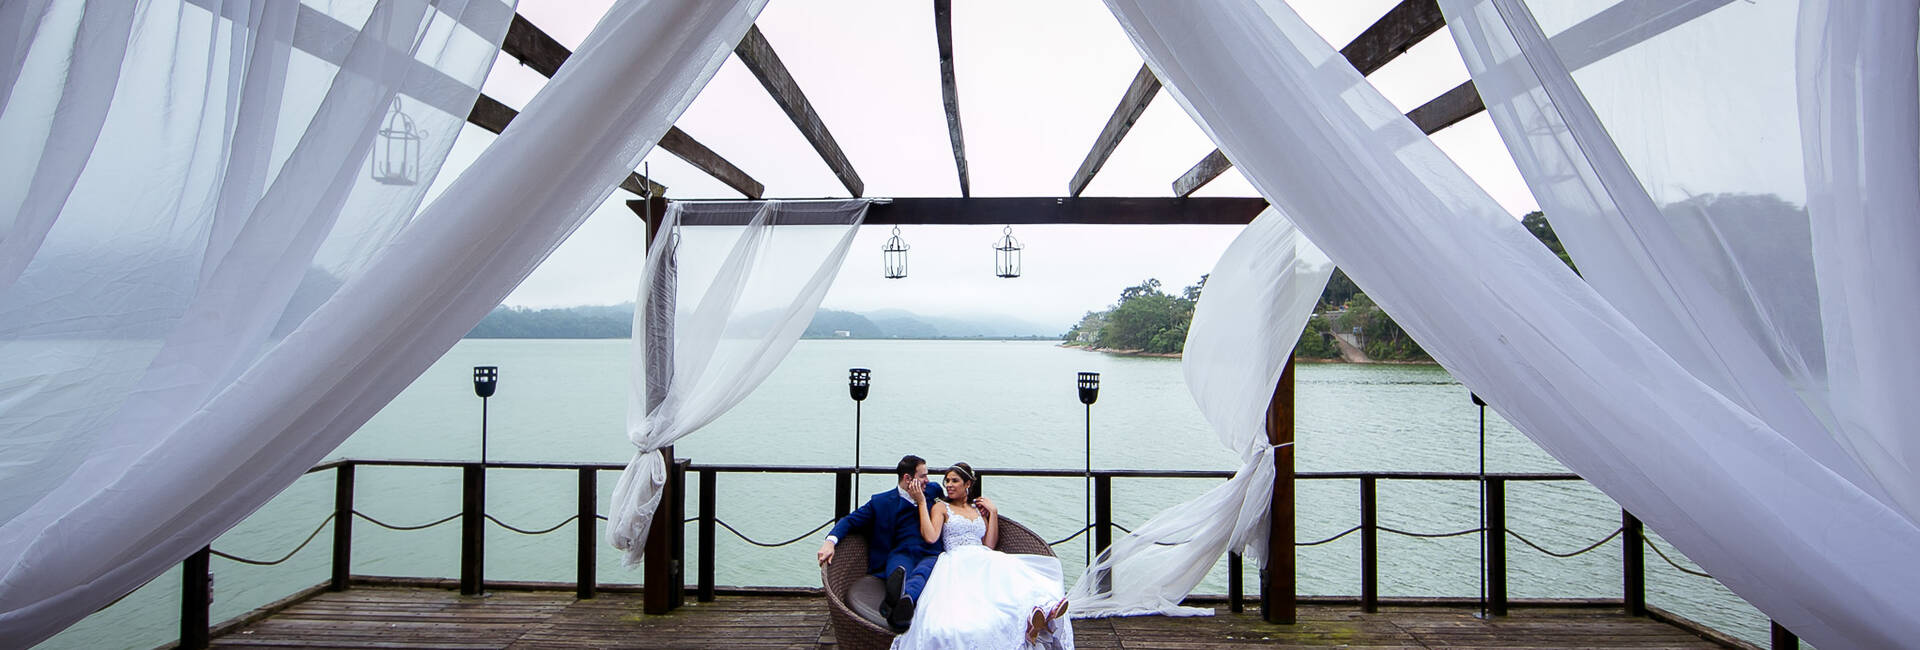 Casamento de Willian e Daniela